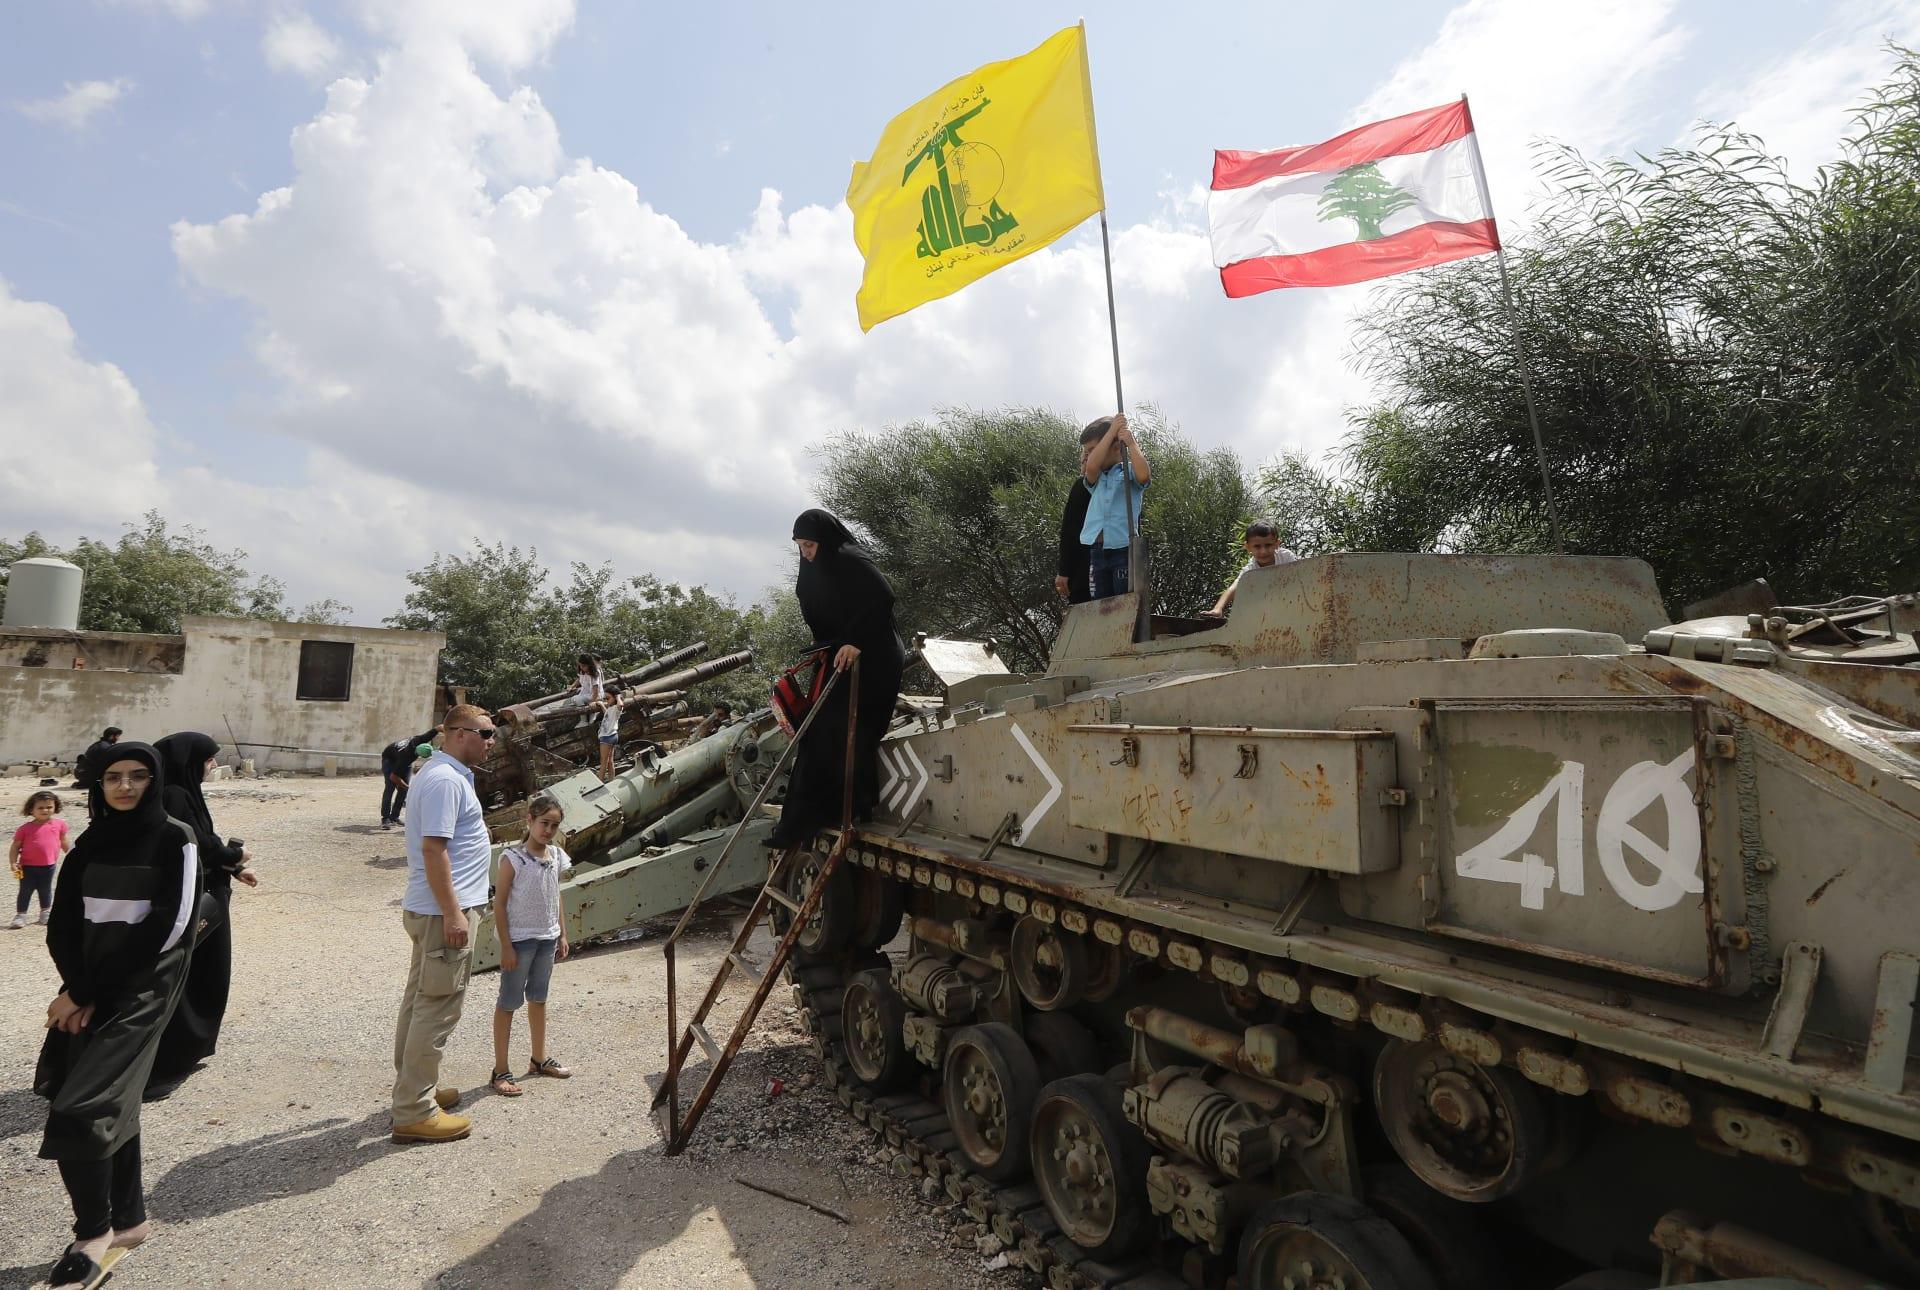 حزب الله يعلن استهداف طائرة إسرائيلية بدون طيار في أجواء لبنان